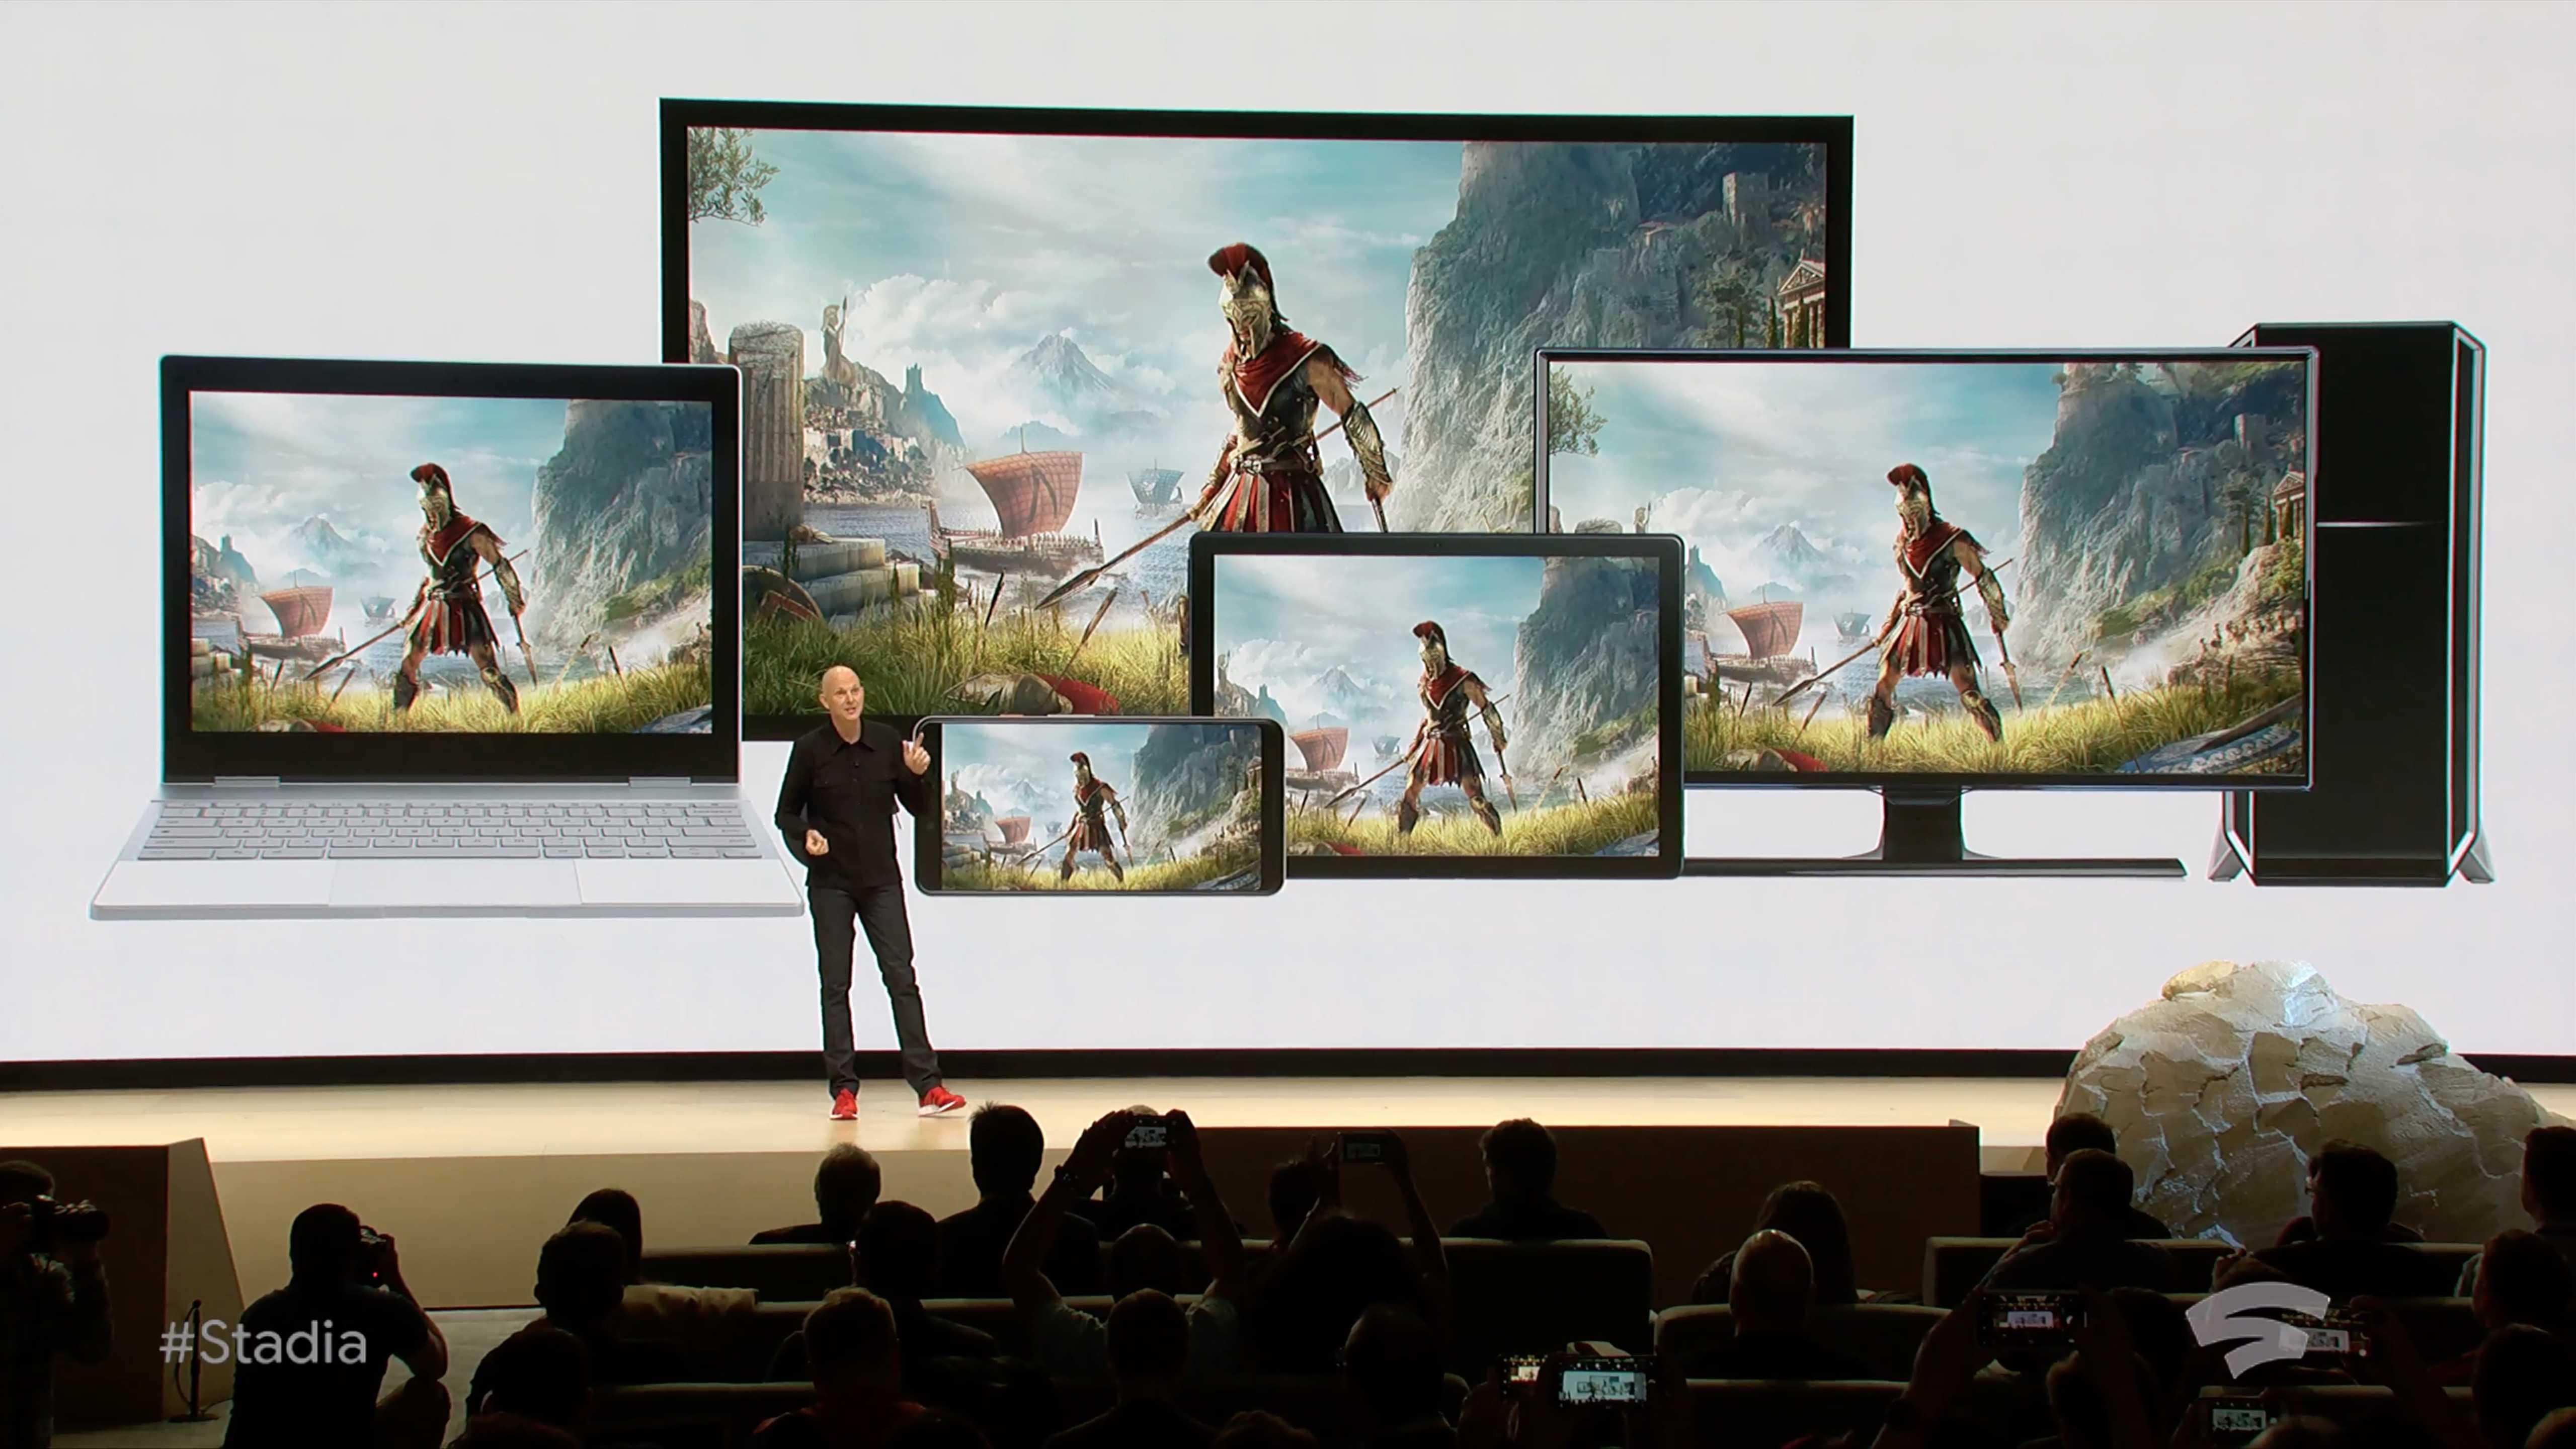 За всё время существования игровых сервисом ни одному так и не удалось доказать что они могут стать заменой консолей или ПК для геймеров Однако с появлением Google